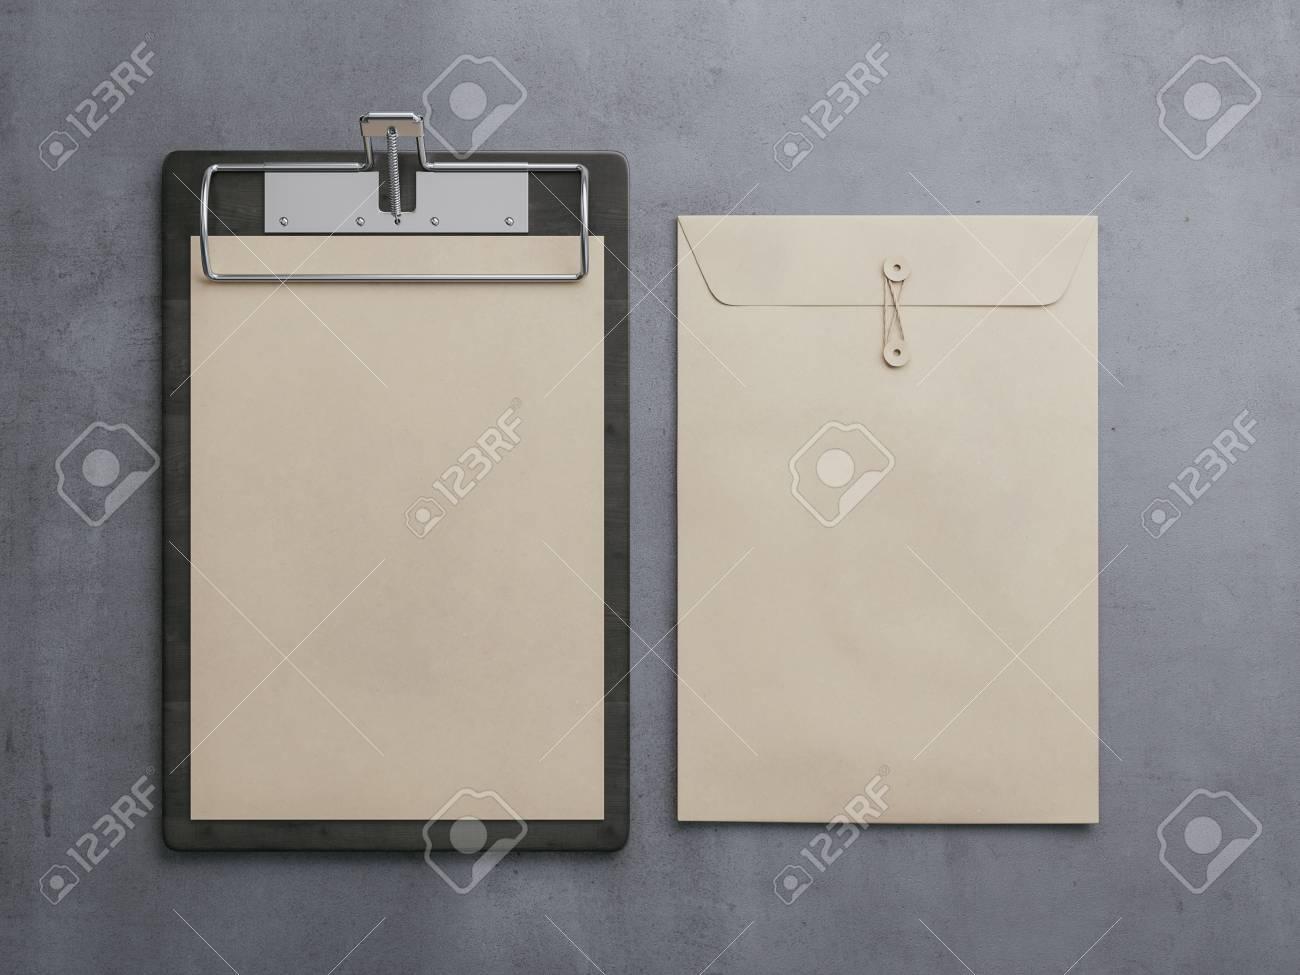 Niedlich Schreibpapier Vorlage Frei Ideen - Entry Level Resume ...